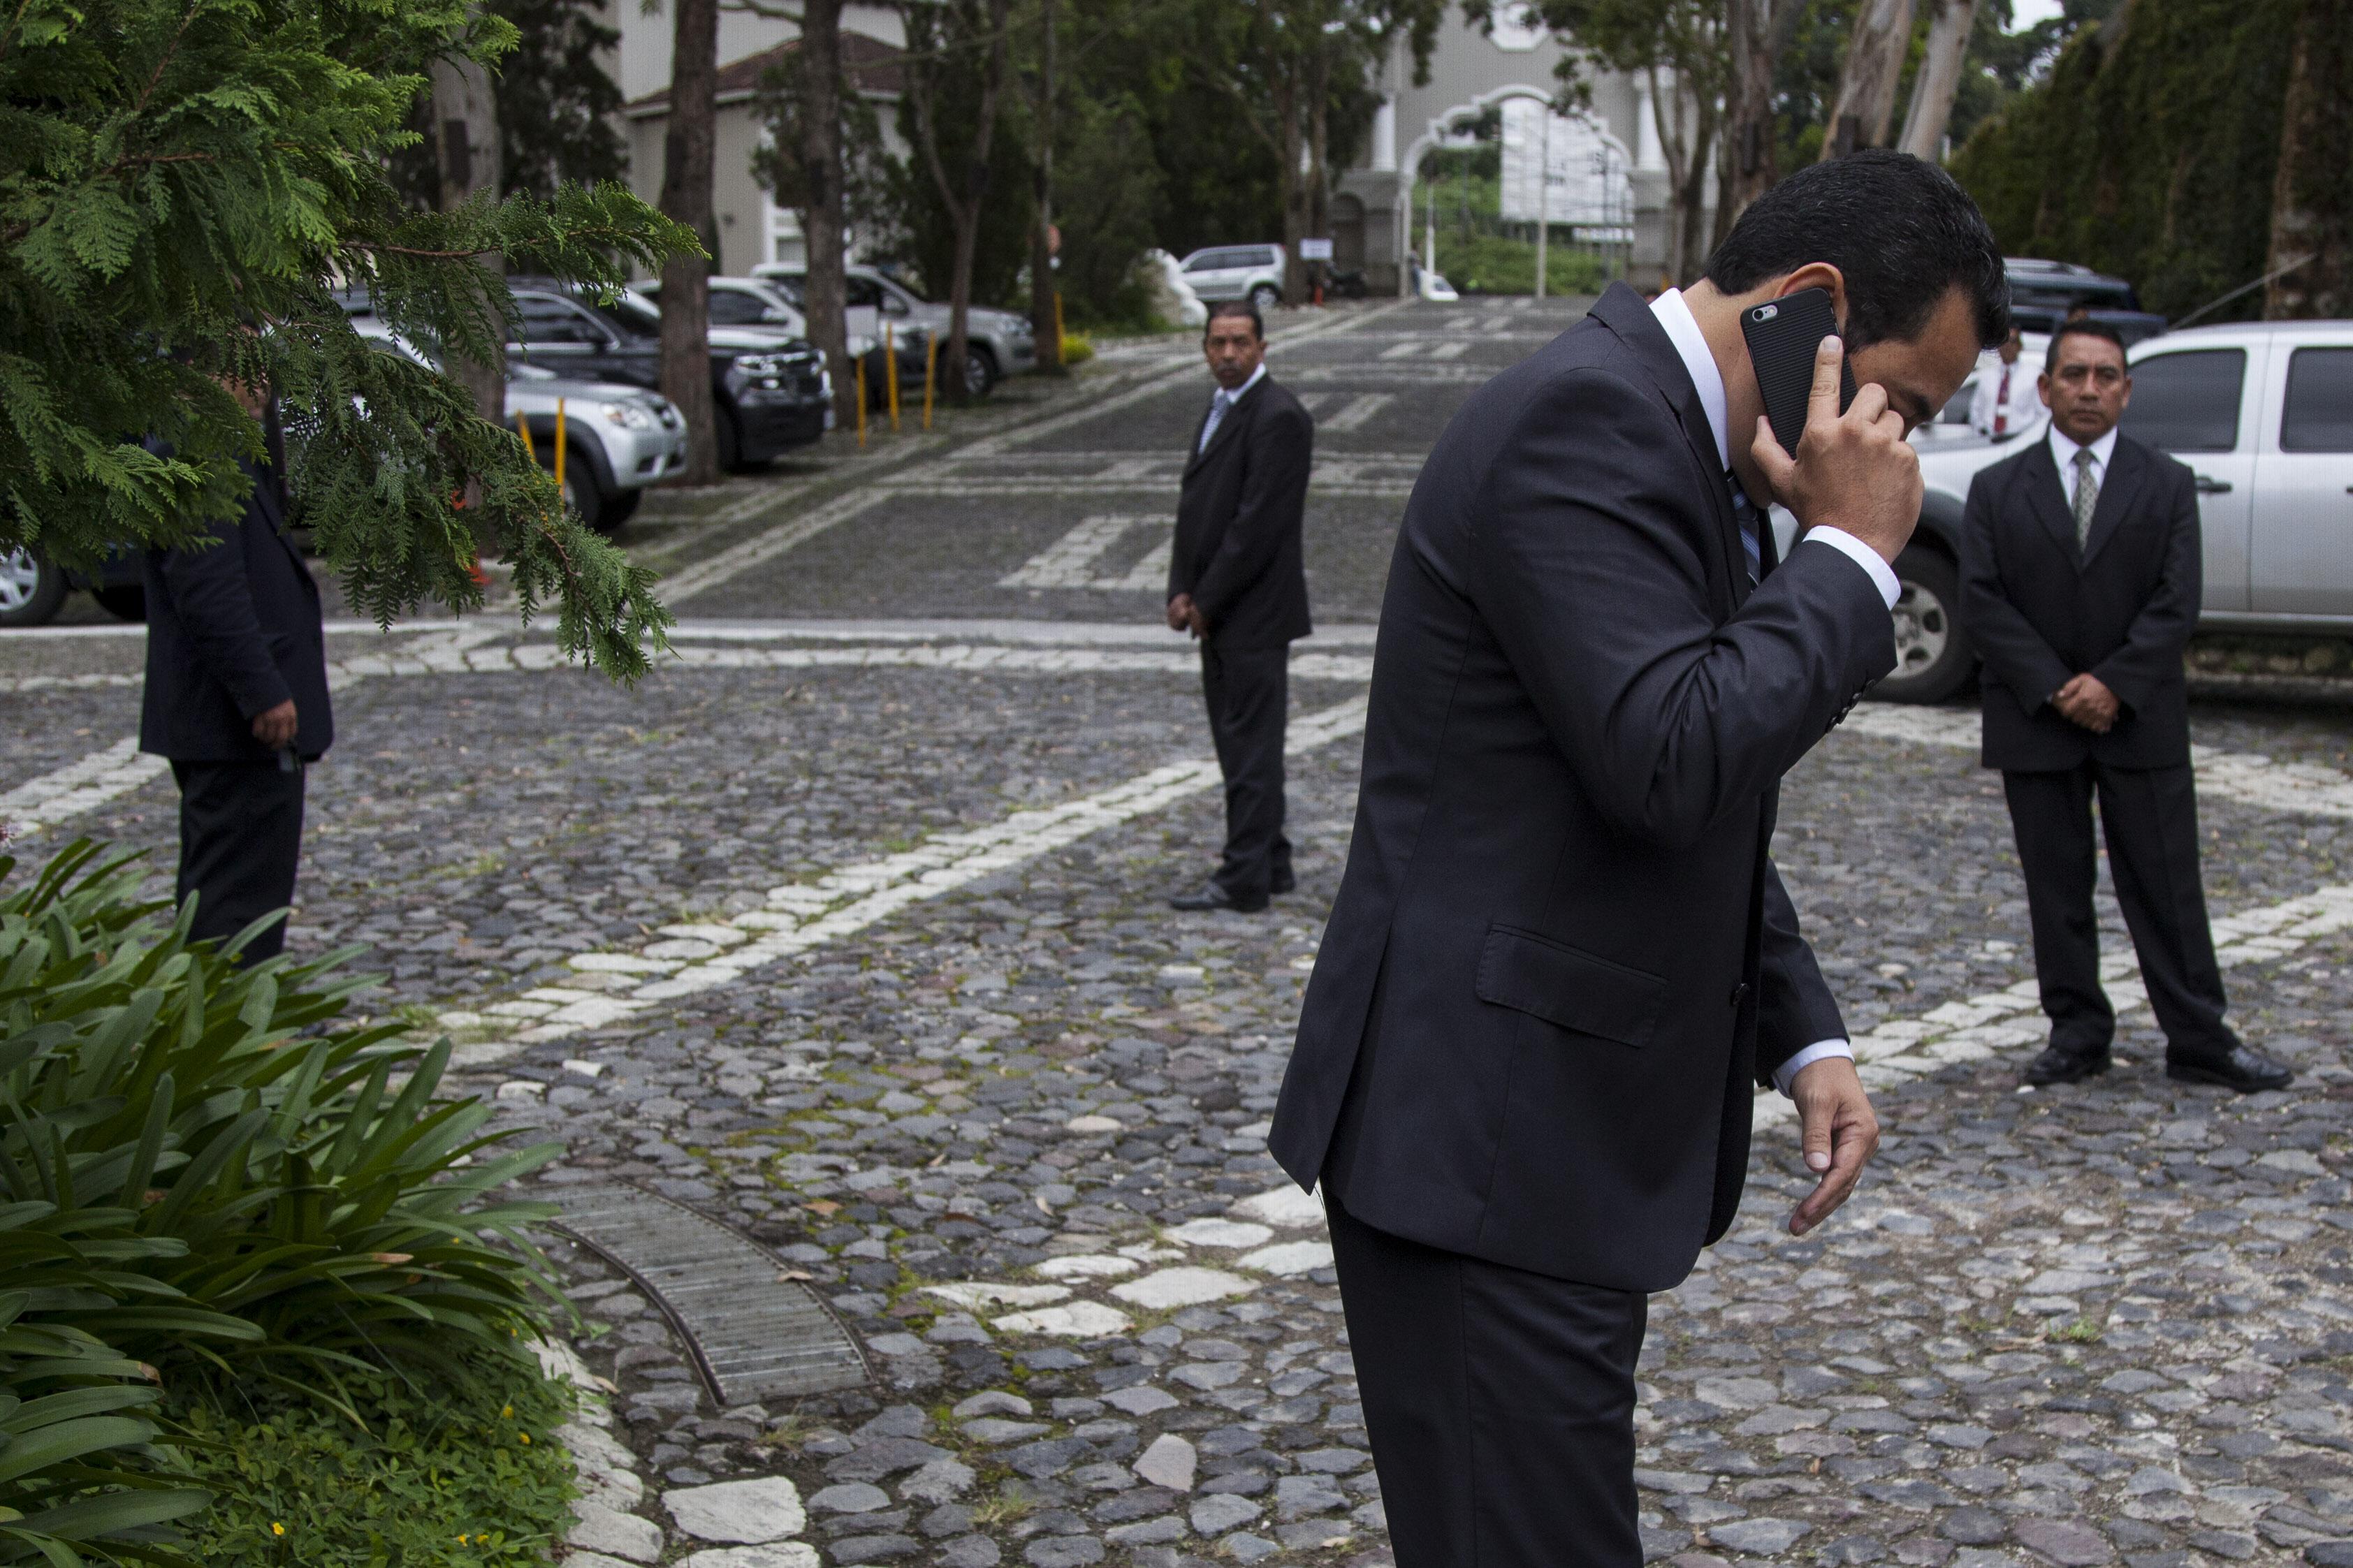 Agentes de la SAAS protegen al Presidente de Guatemala Jimmy Morales